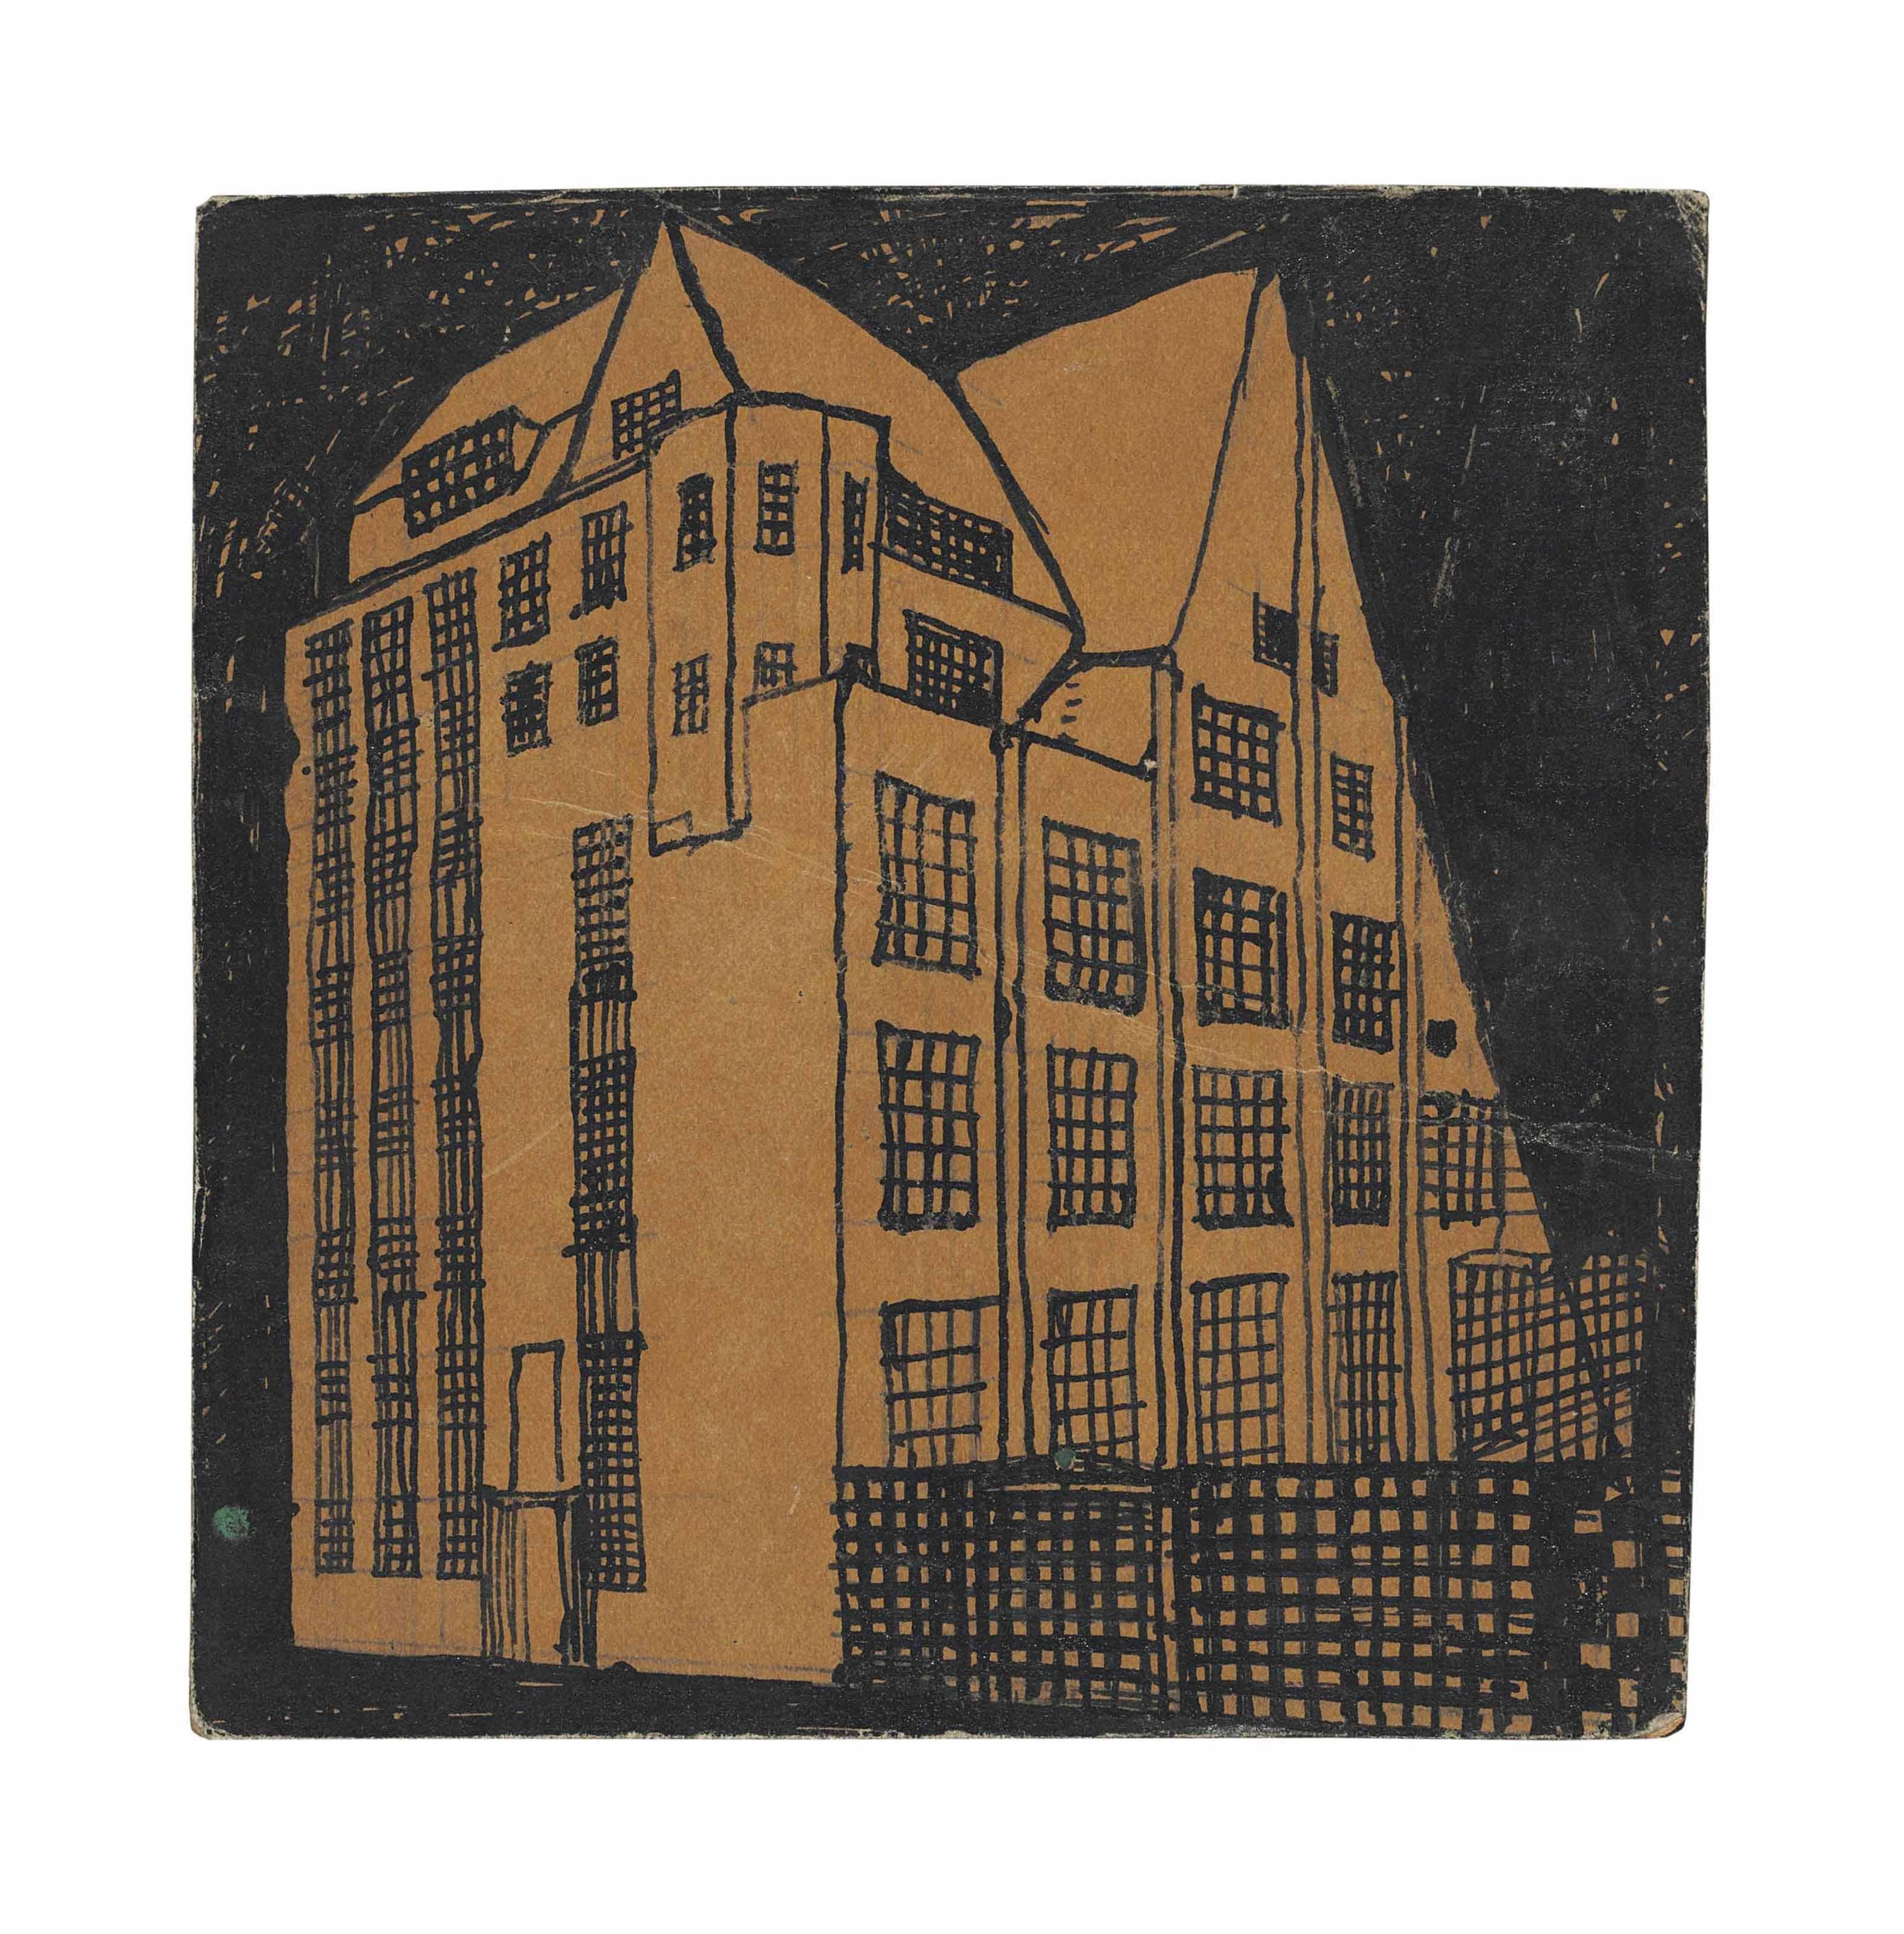 Charles Rennie Mackintosh (1868-1928)